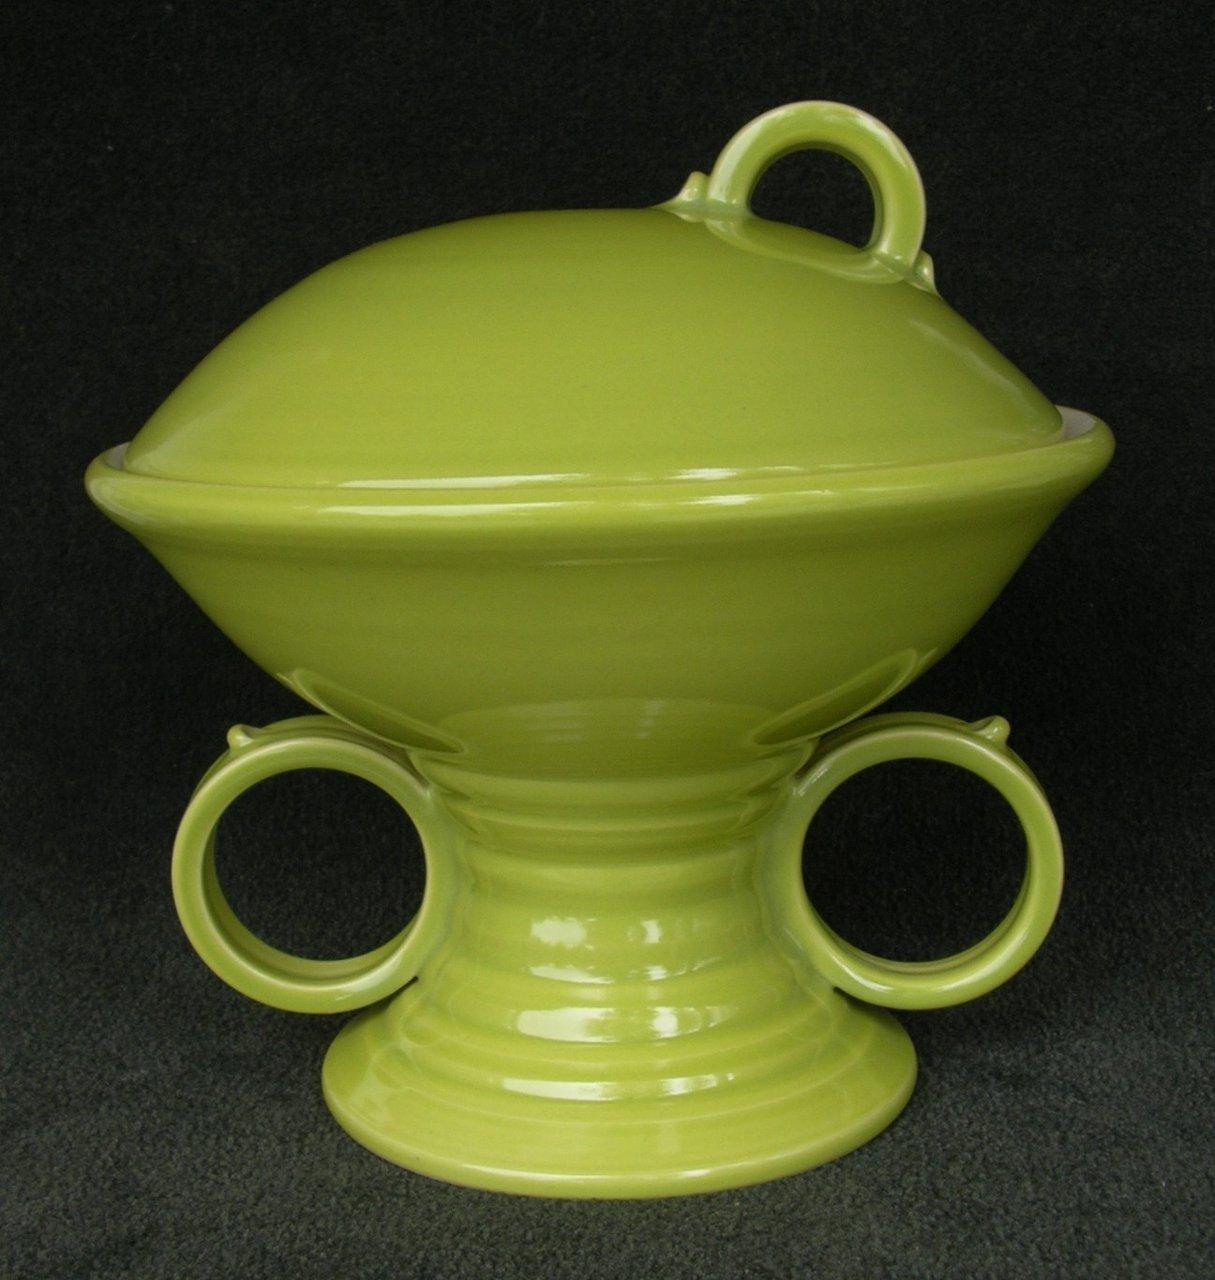 2006-04-14 004.JPG